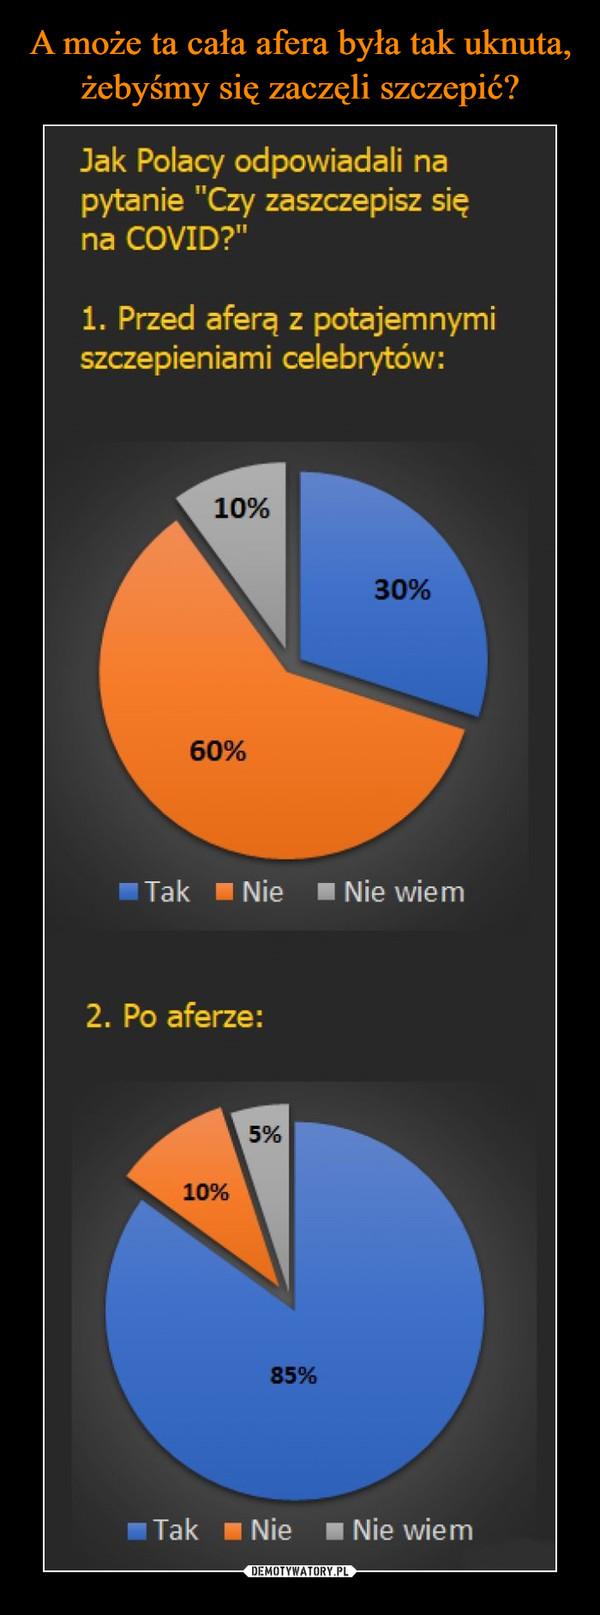 """–  Jak Polacy odpowiadali na pytanie """"Czy zaszczepisz się na COVID?"""" 1. Przed aferą z potajemnymi szczepieniami celebrytów: 60% Tak Nie • Nie wiem 2. Po aferze: 5% 10% Tak • Nie • Nie wiem"""